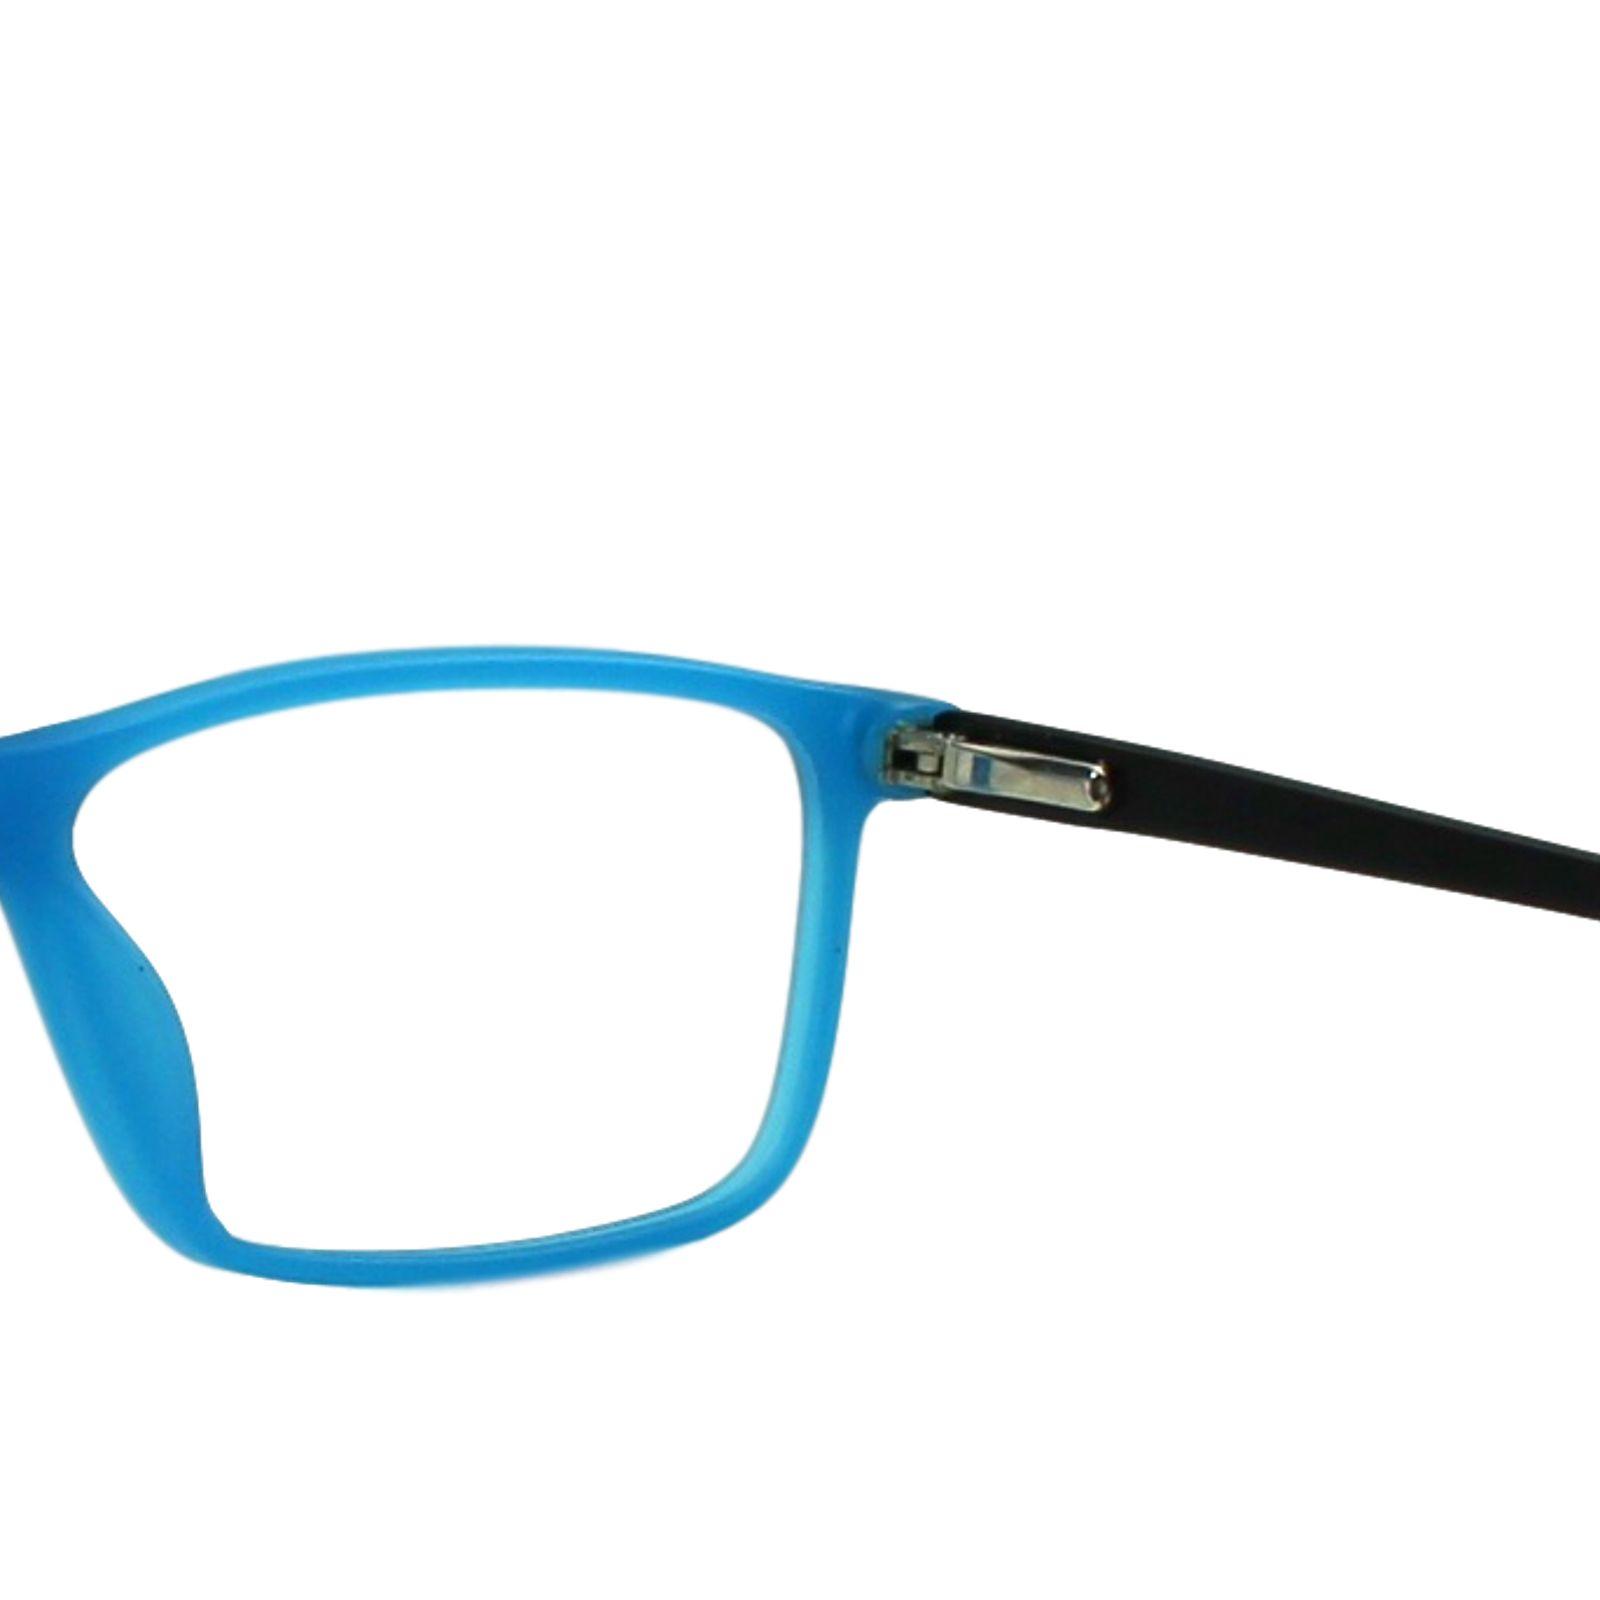 b25b16f24e0d2 ... Armação para Óculos Díspar ID1966 infantil Idade 6 a 9 anos - Azul ...